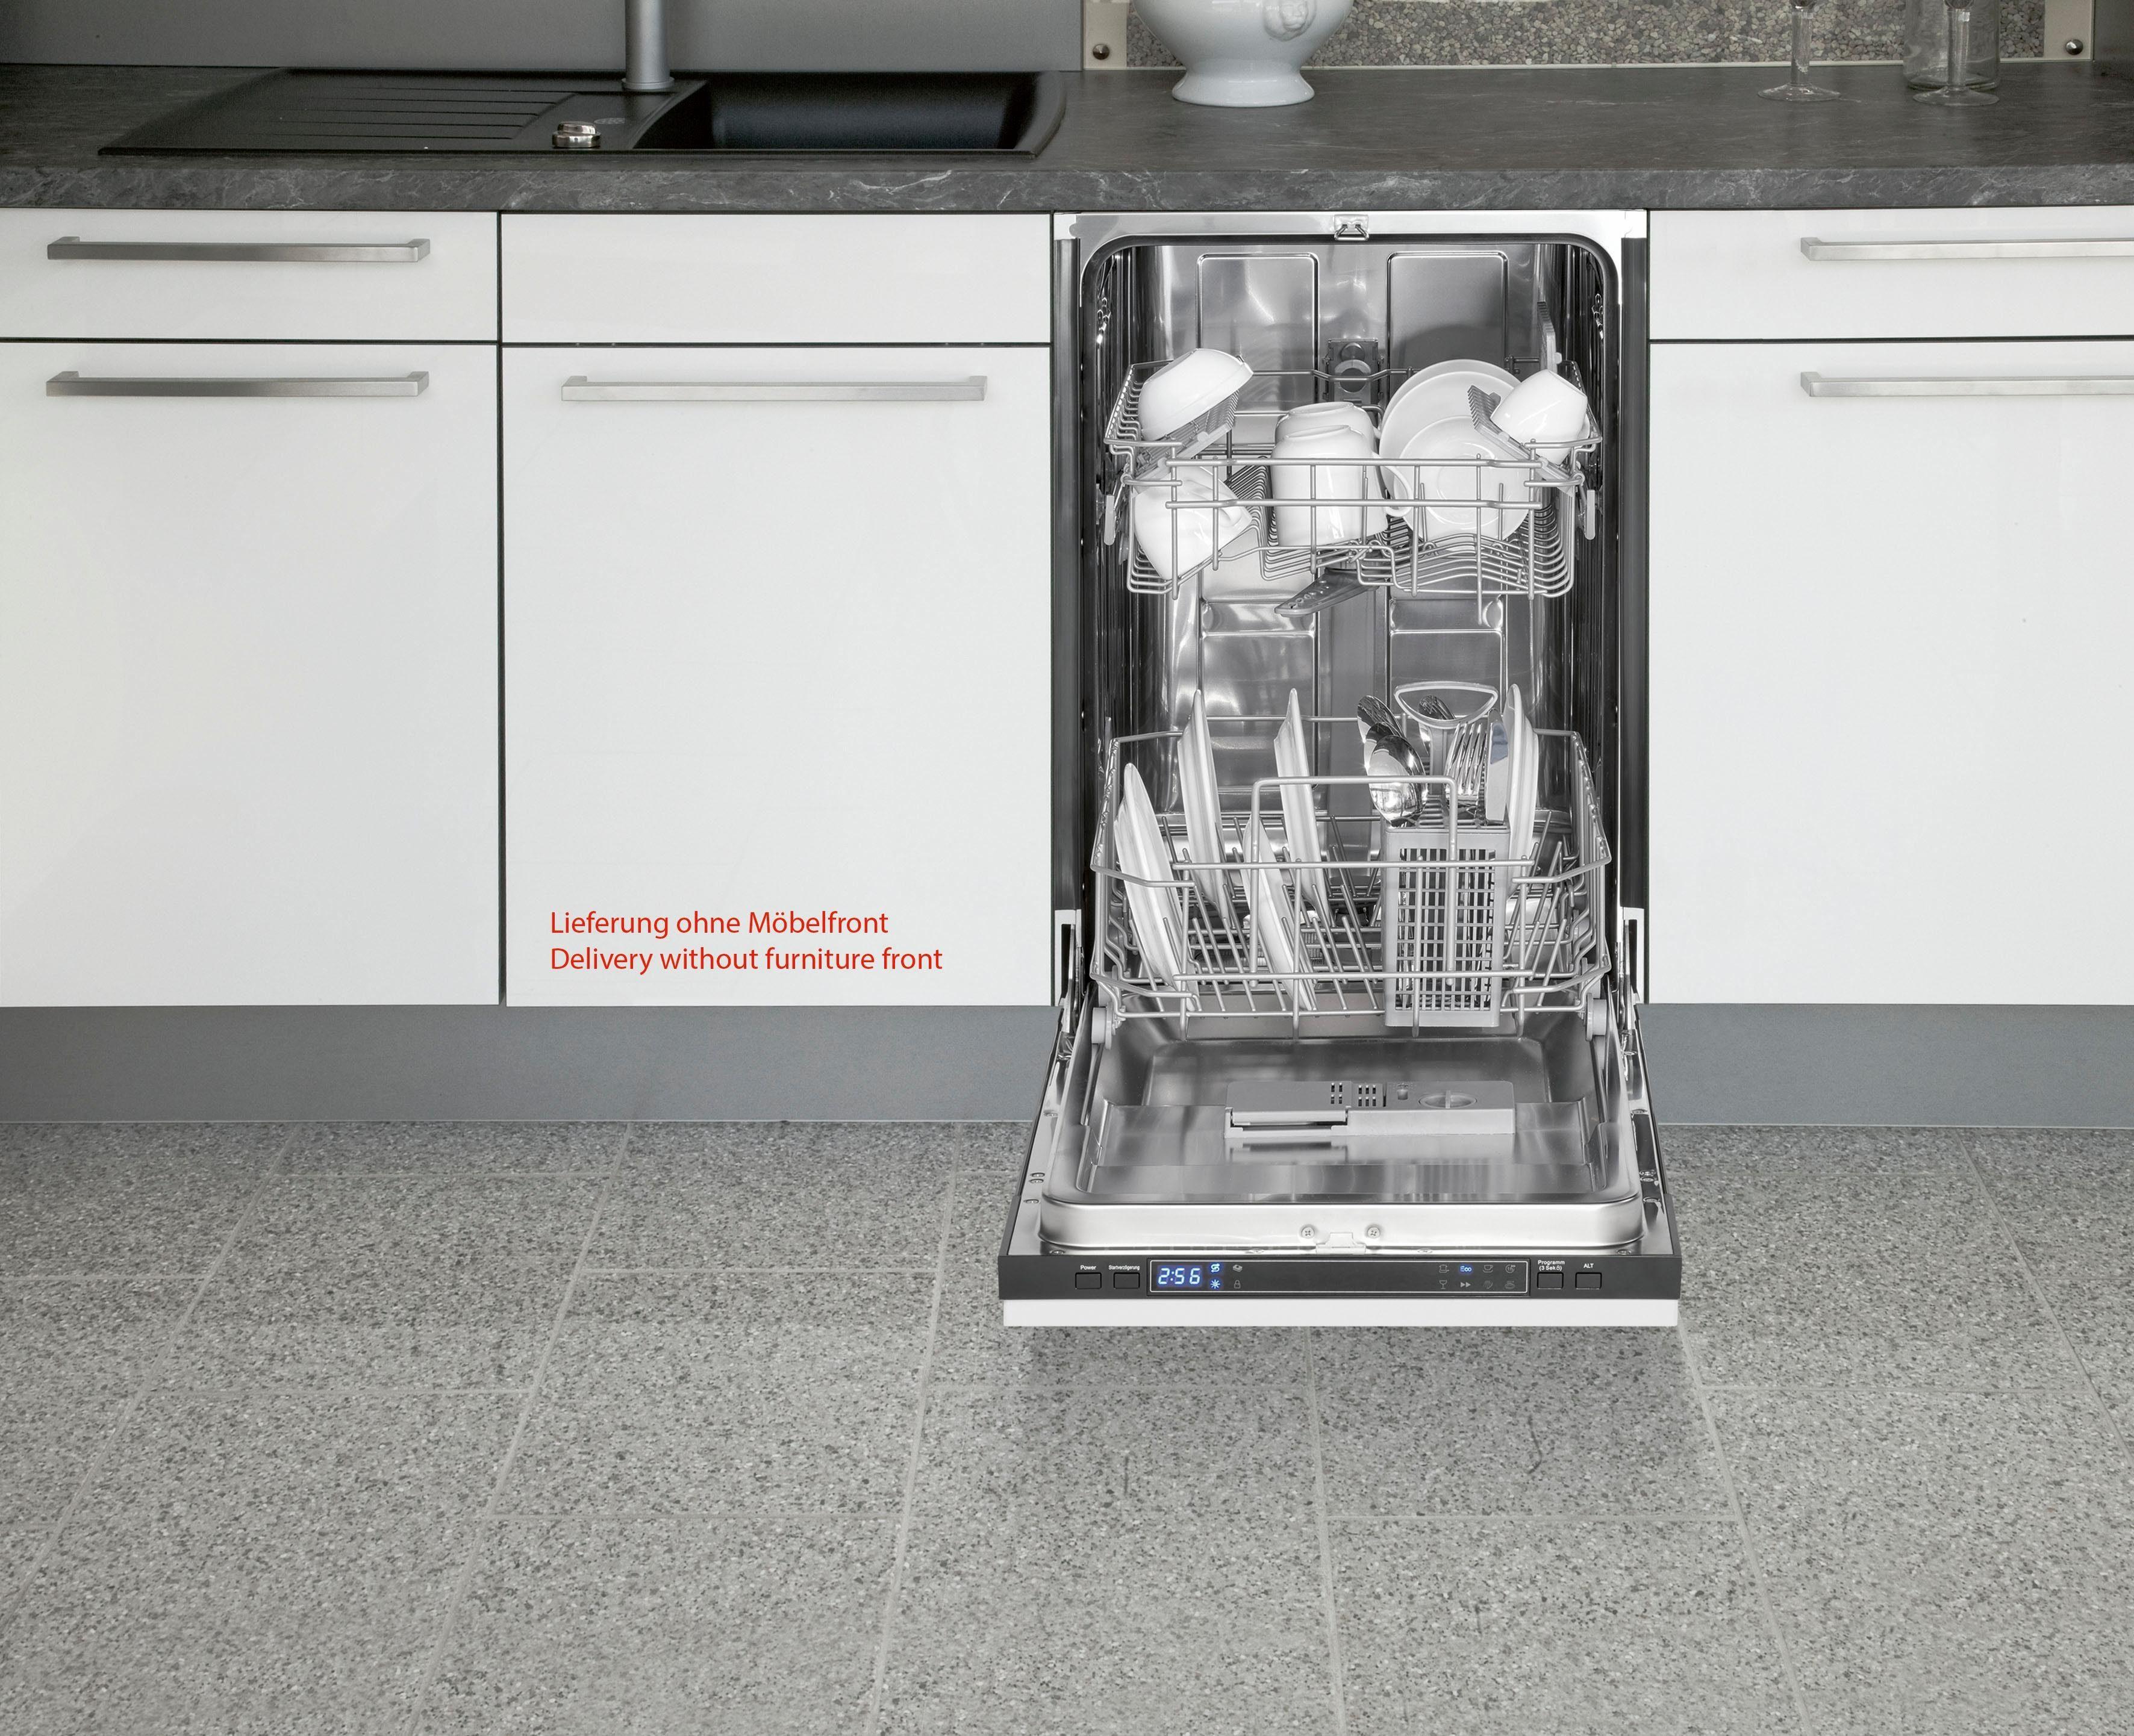 Bomann Kühlschrank Dtr 351 : Bomann kühlschrank mit gefrierfach bedienungsanleitung bosch